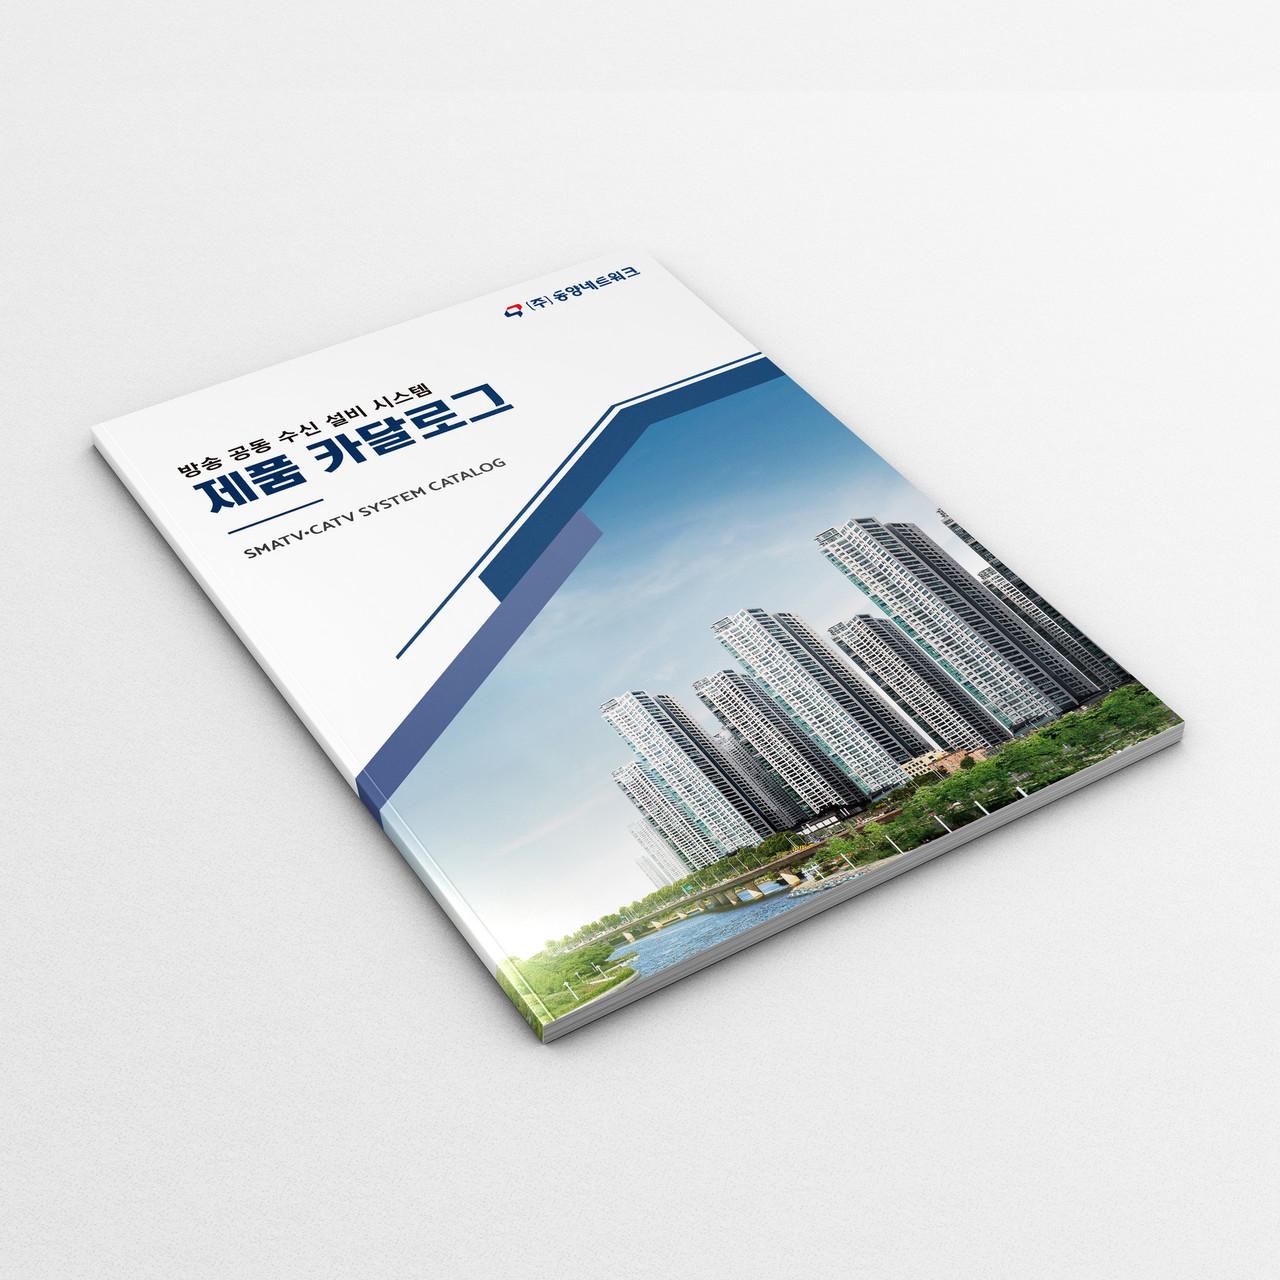 방송 공동 수신 설비 시스템 제품 카달로그 디자인 시안 - 동양네트워크